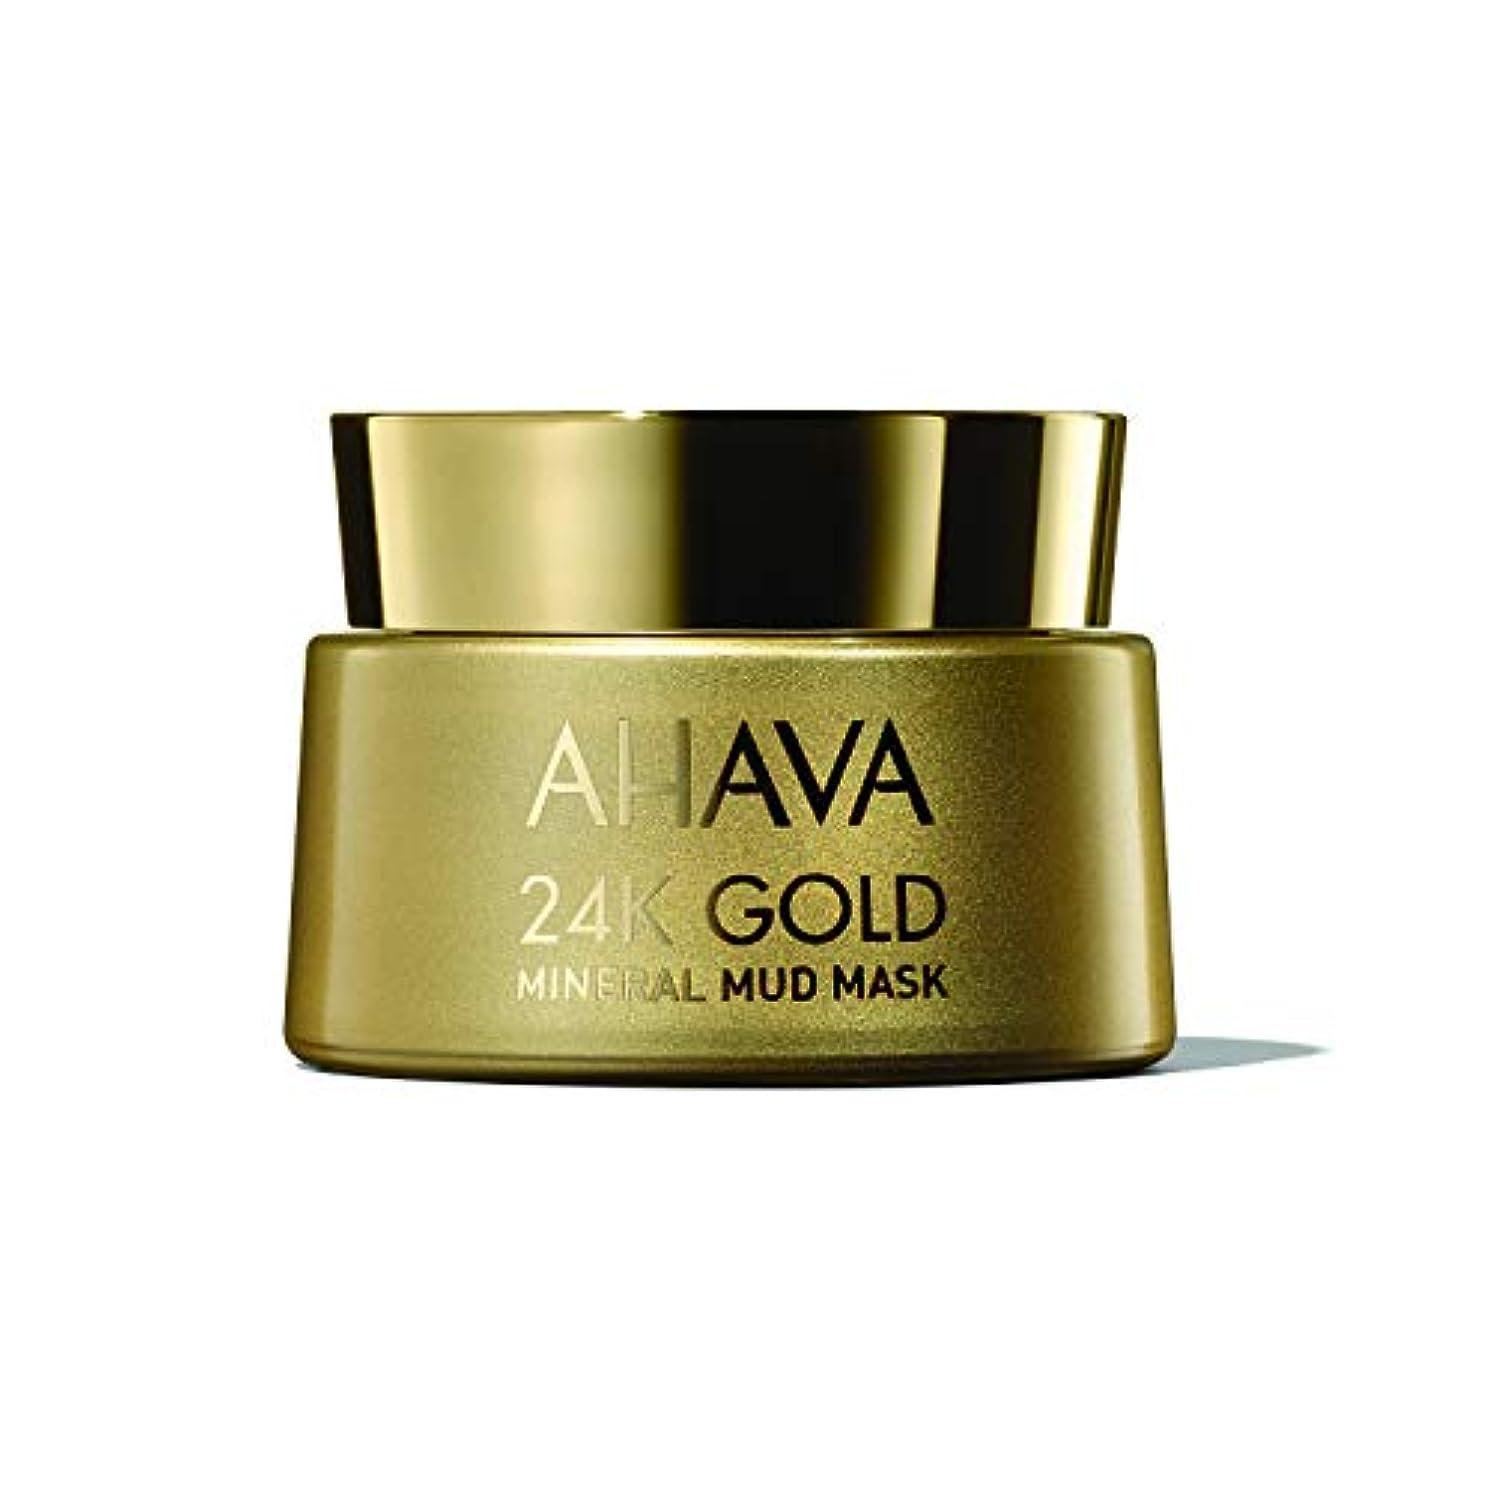 誇りに思う素晴らしき伝統アハバ 24K Gold Mineral Mud Mask 50ml/1.7oz並行輸入品